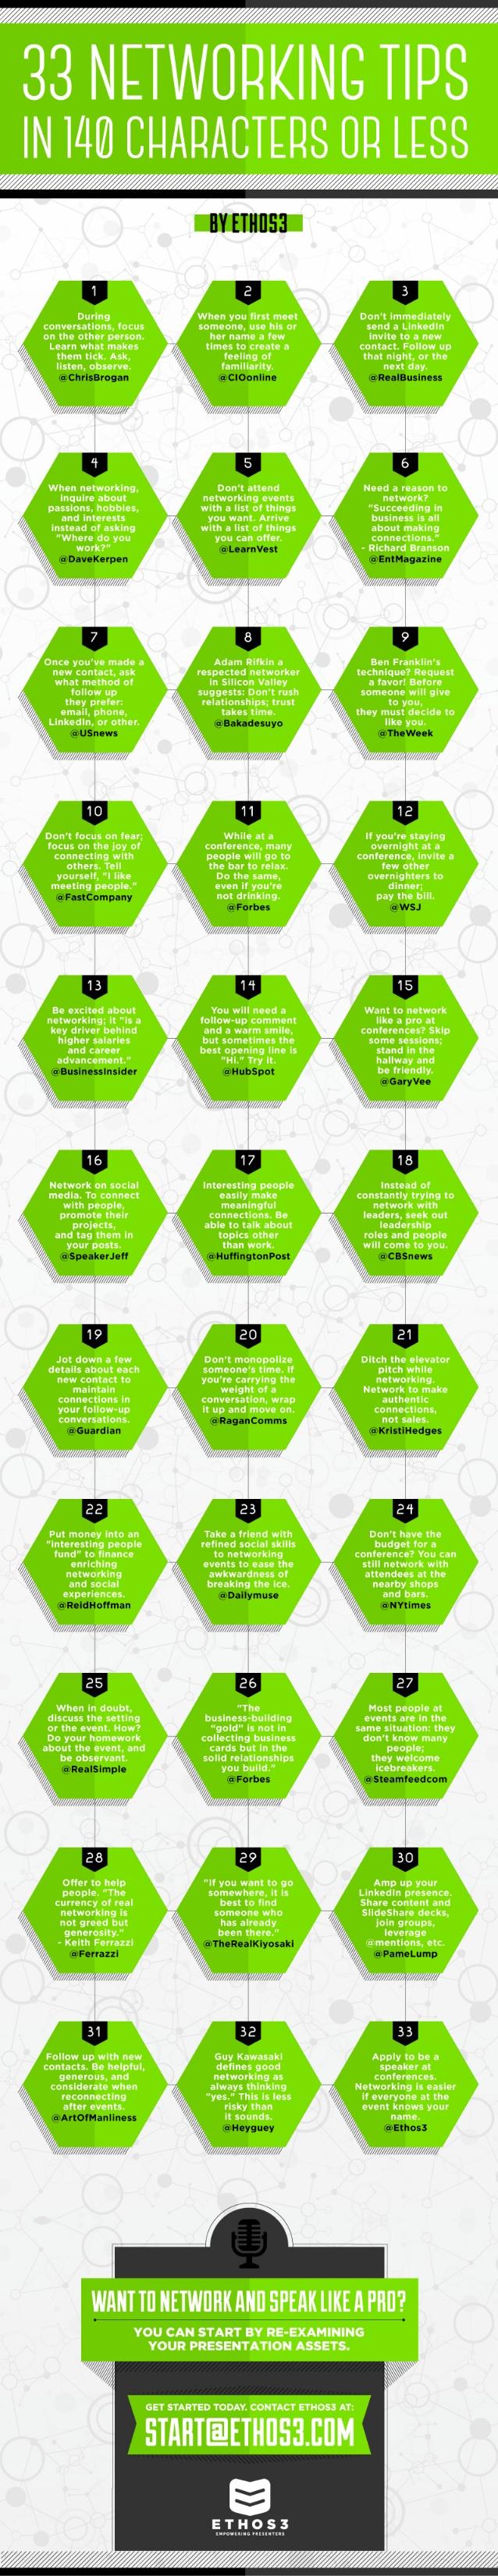 33 consejos sobre Networking en 140 caracteres